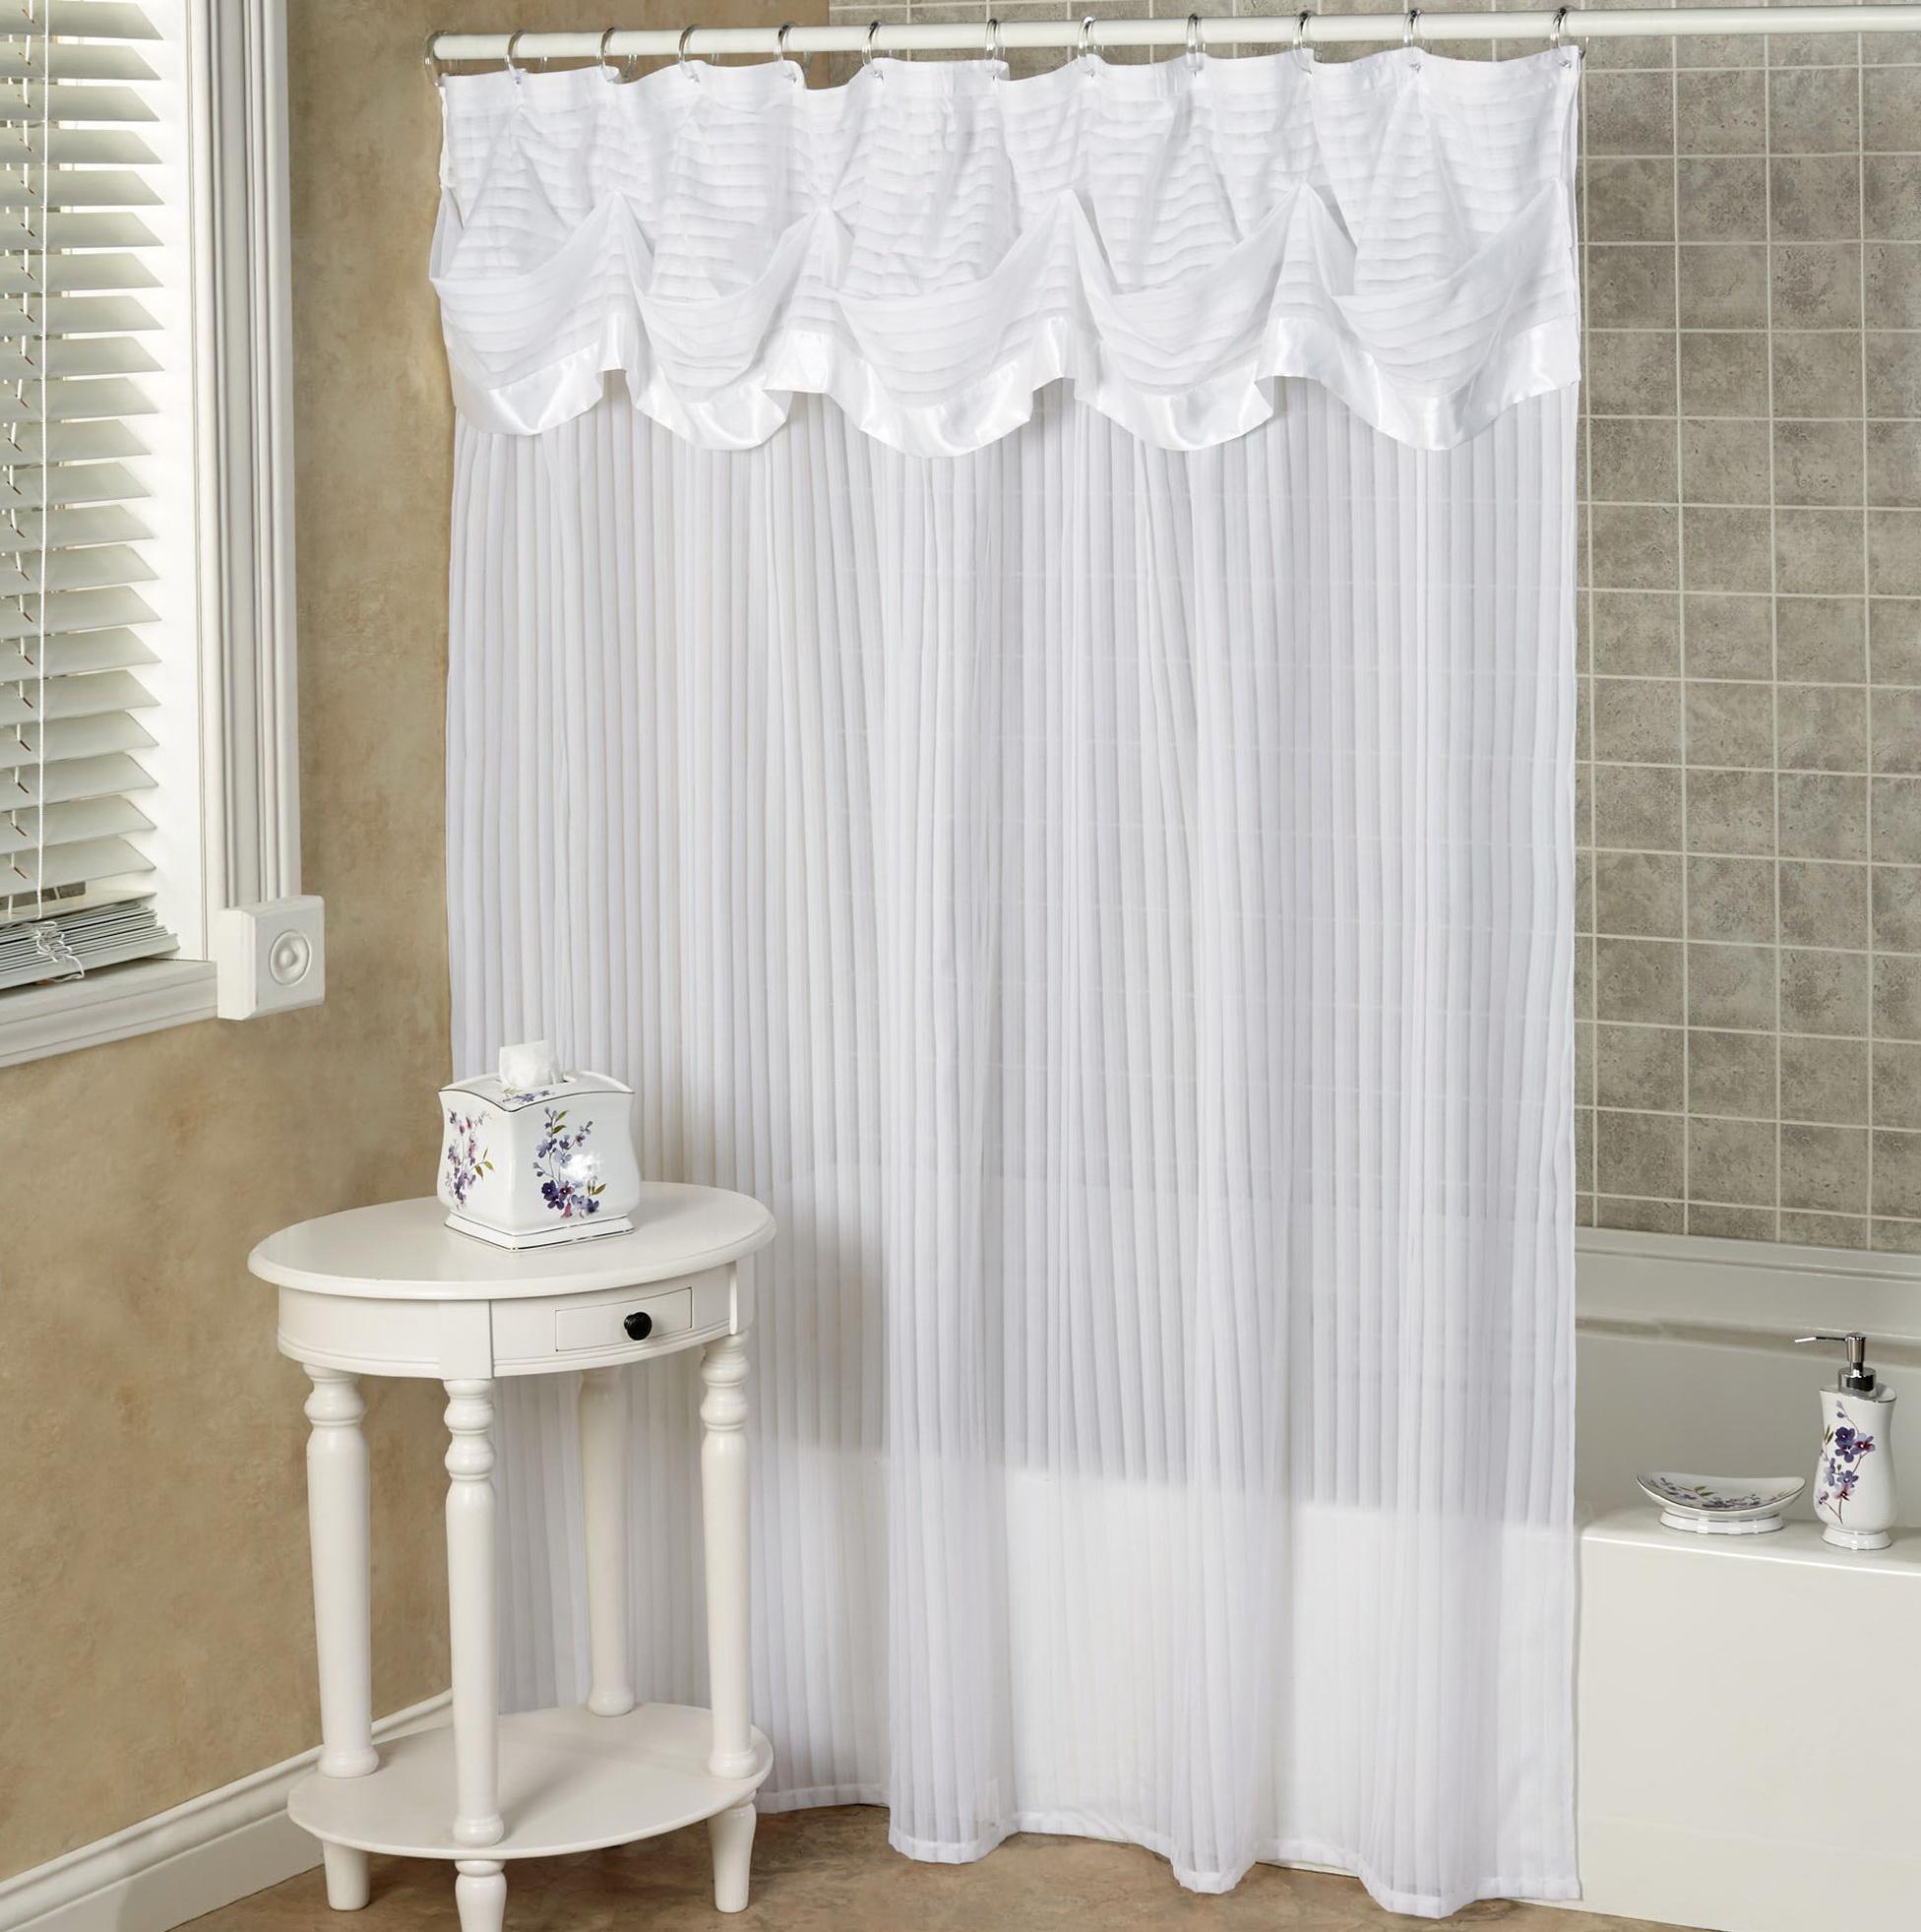 Shower Curtain Valance Ideas